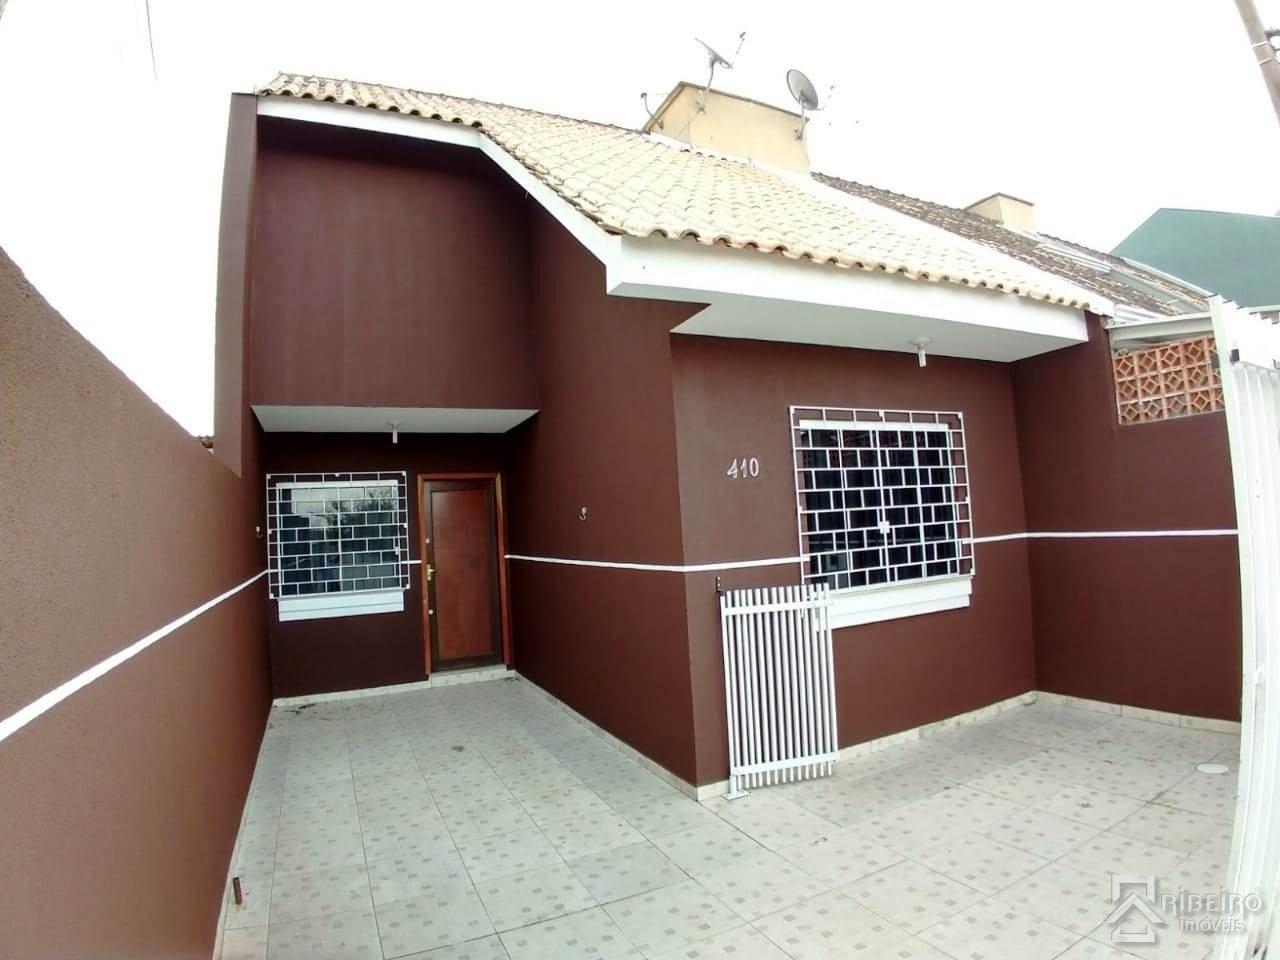 REF. 7896 -  Sao Jose Dos Pinhais - Rua  Sebastiao Alcebiades Nogueira, 410 - Casa 01